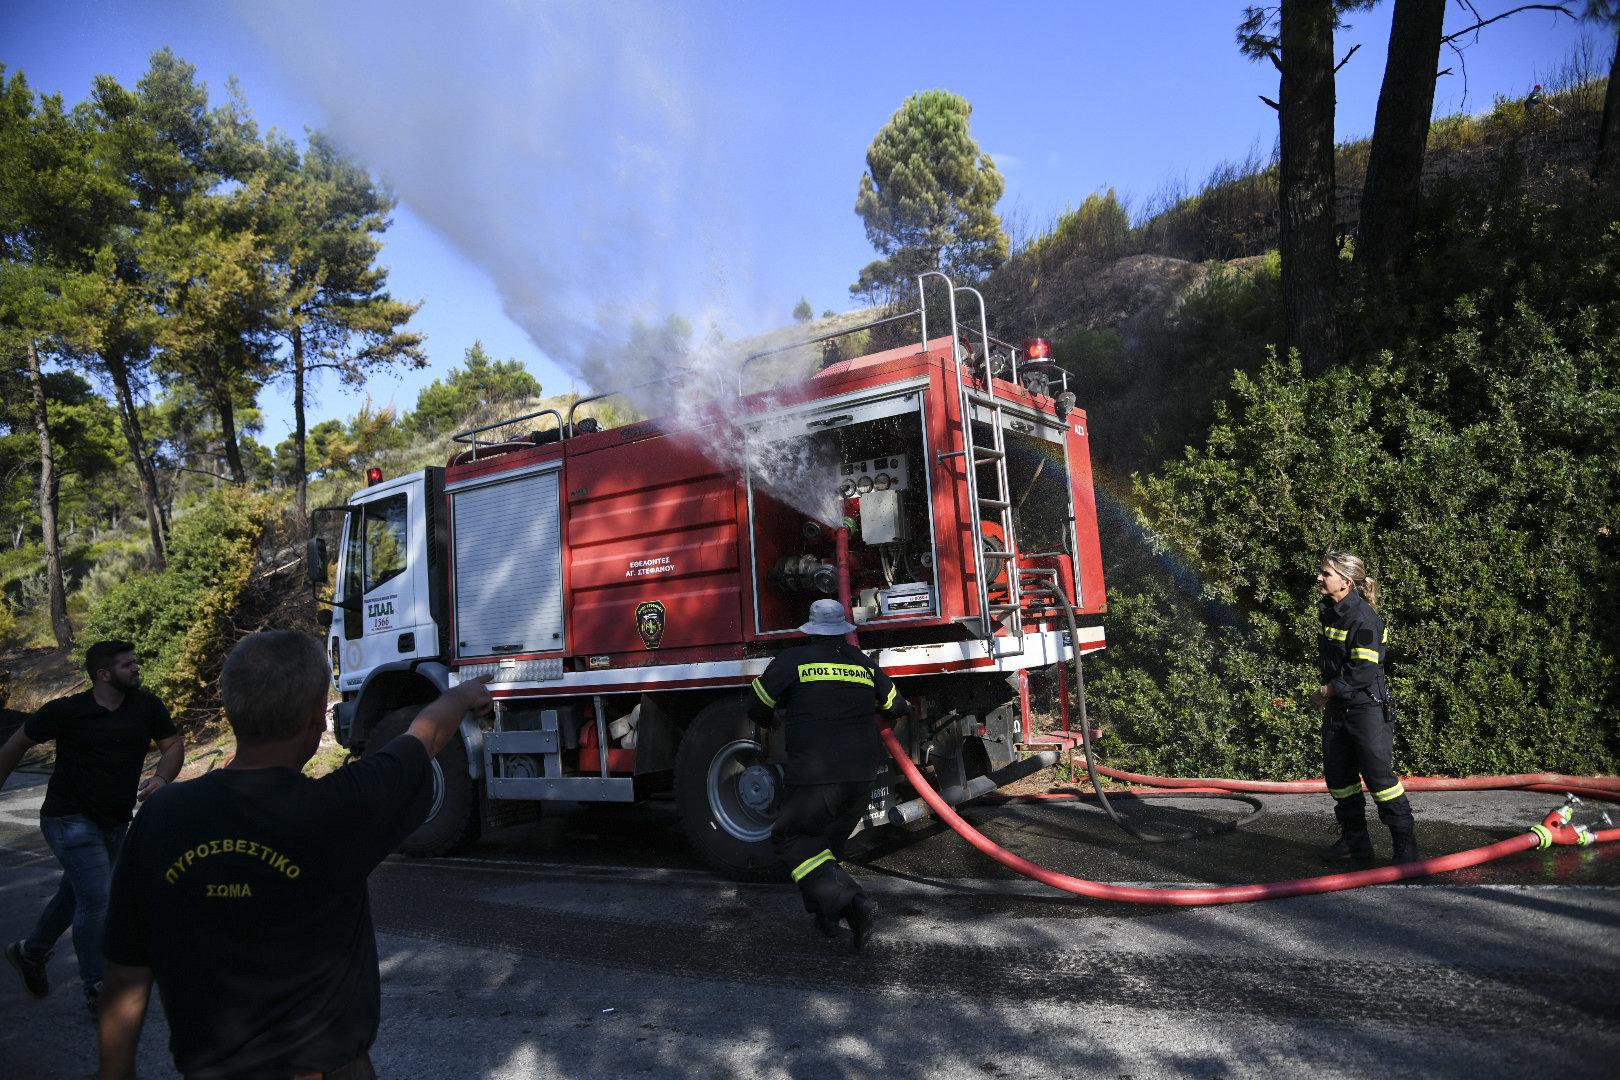 Υπό έλεγχο τέθηκε η πυρκαγιά που εκδηλώθηκε στην περιοχή Μητροπήσι, του Δήμου